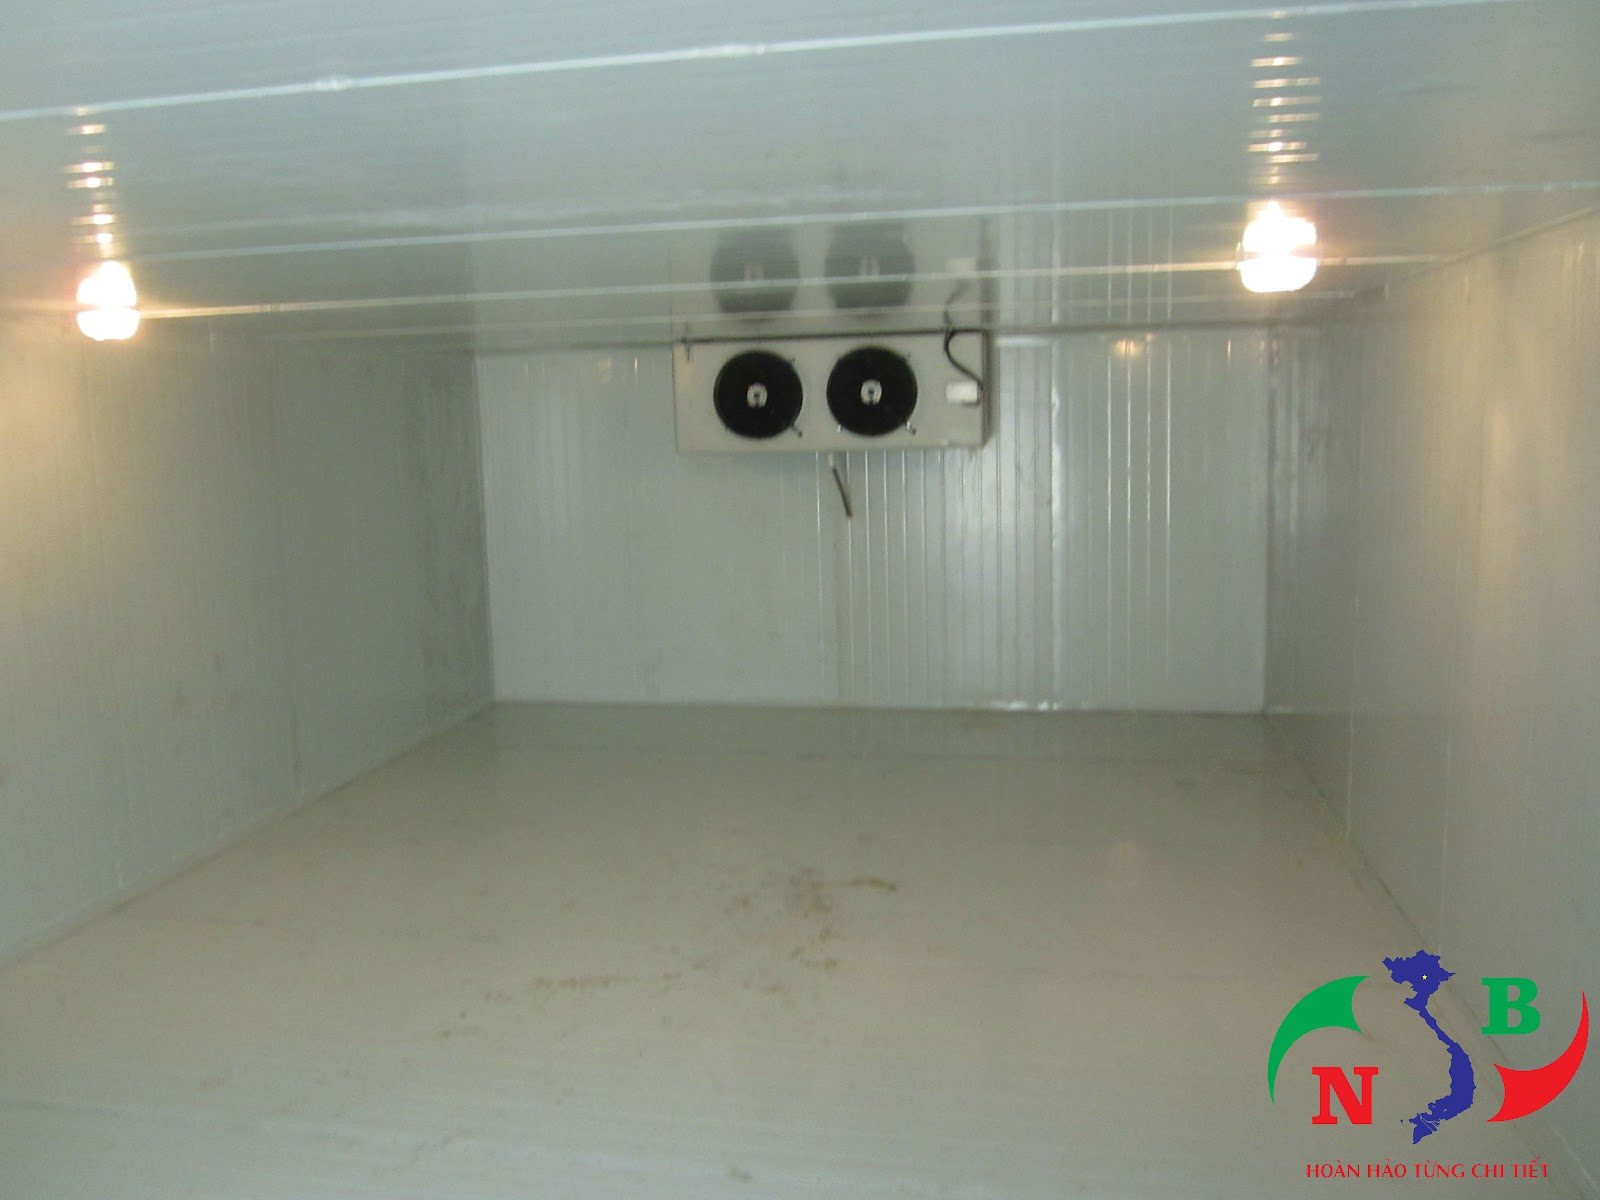 Bẻ khóa bí mật về hệ thống thiết bị kho lạnh (Phần 1)